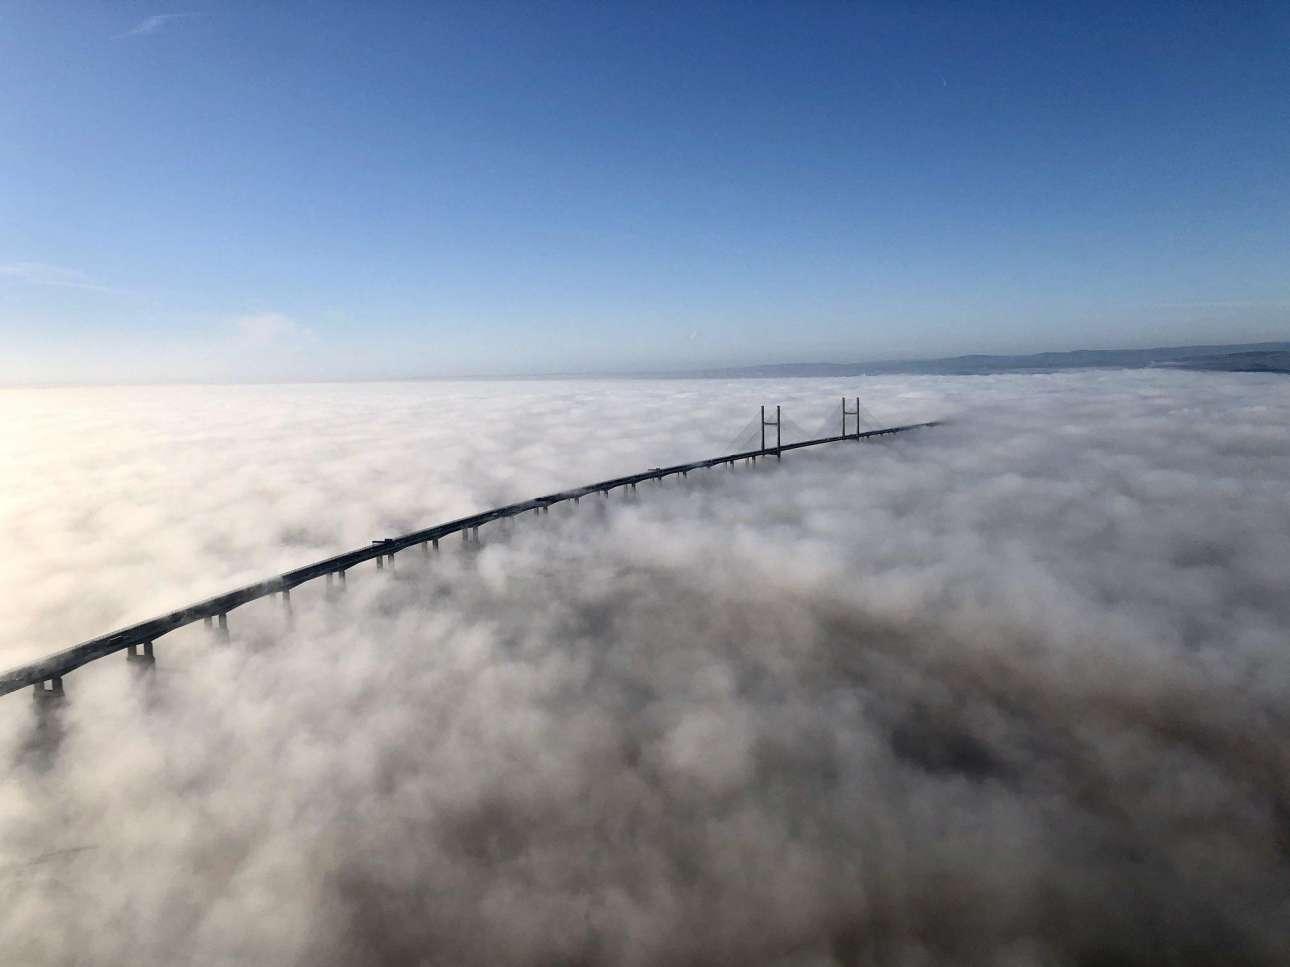 Βρετανία: η πυκνή νέφωση γύρω από τη Γέφυρα του Πρίγκιπα της Ουαλίας, στα όρια της Αγγλίας με την Ουαλία, κρύβει από κάτω της το Κανάλι του Μπρίστολ